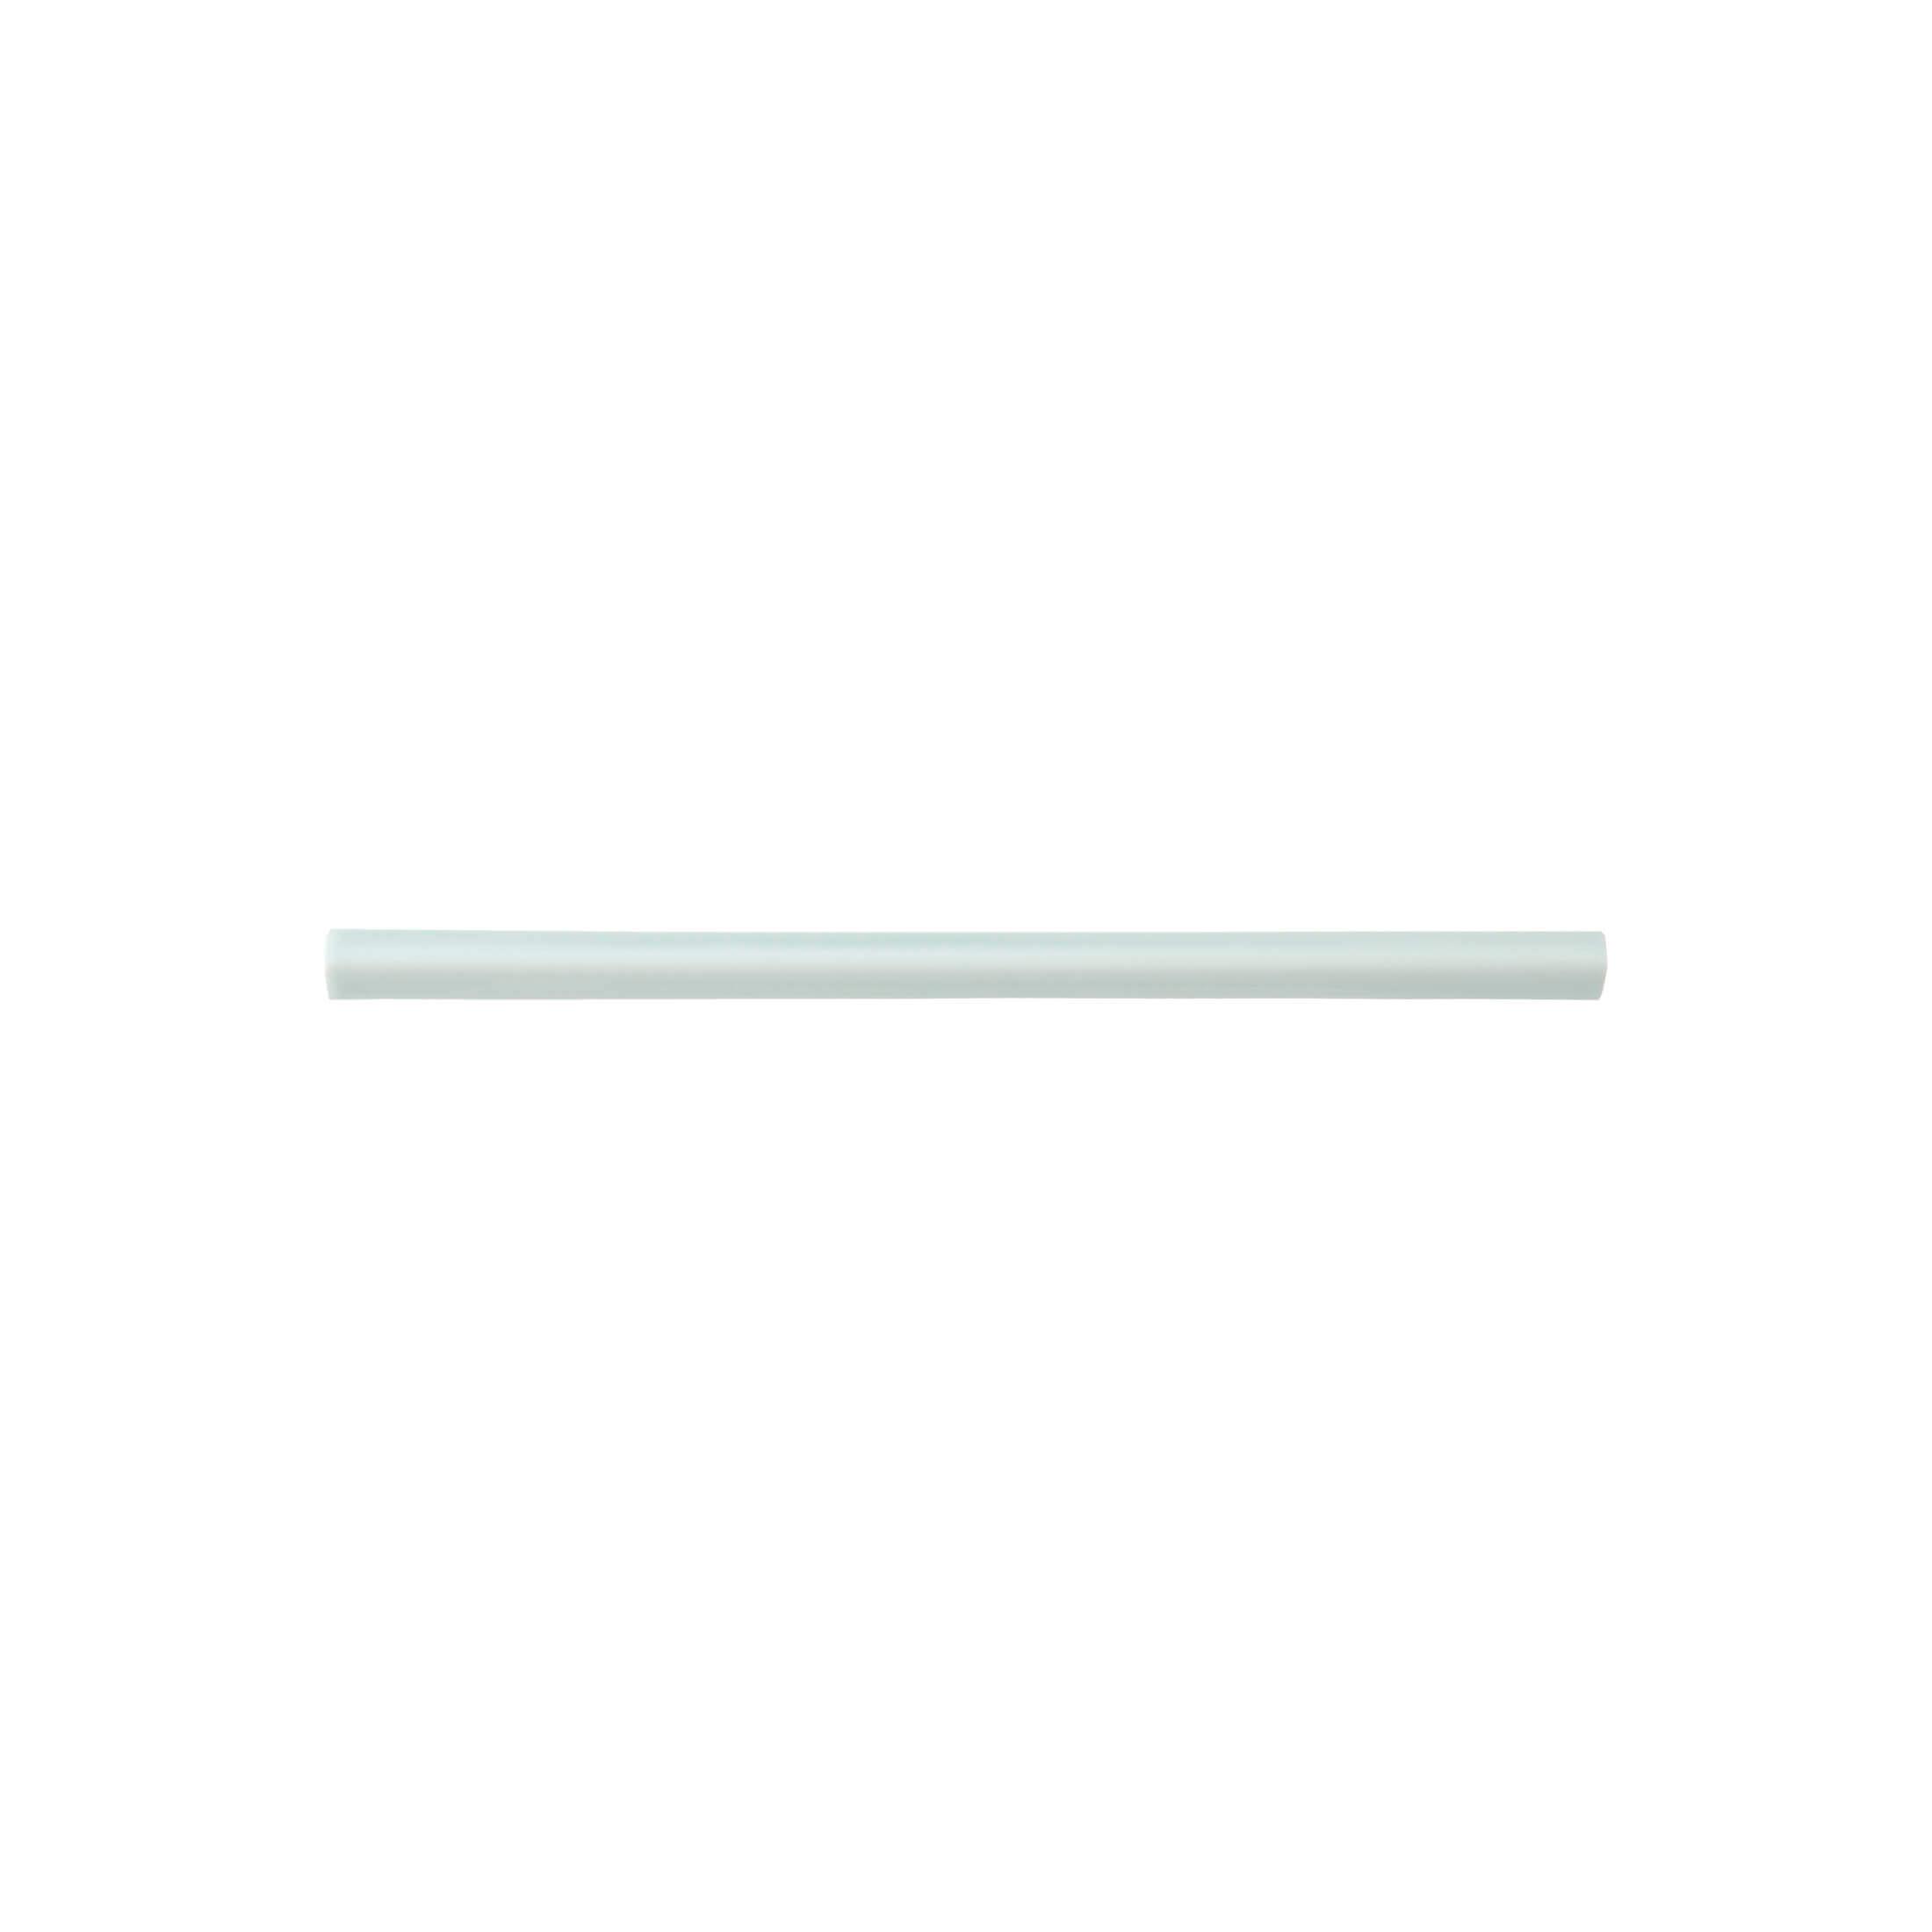 ADST5263 - BULLNOSE TRIM - 0.75 cm X 19.8 cm